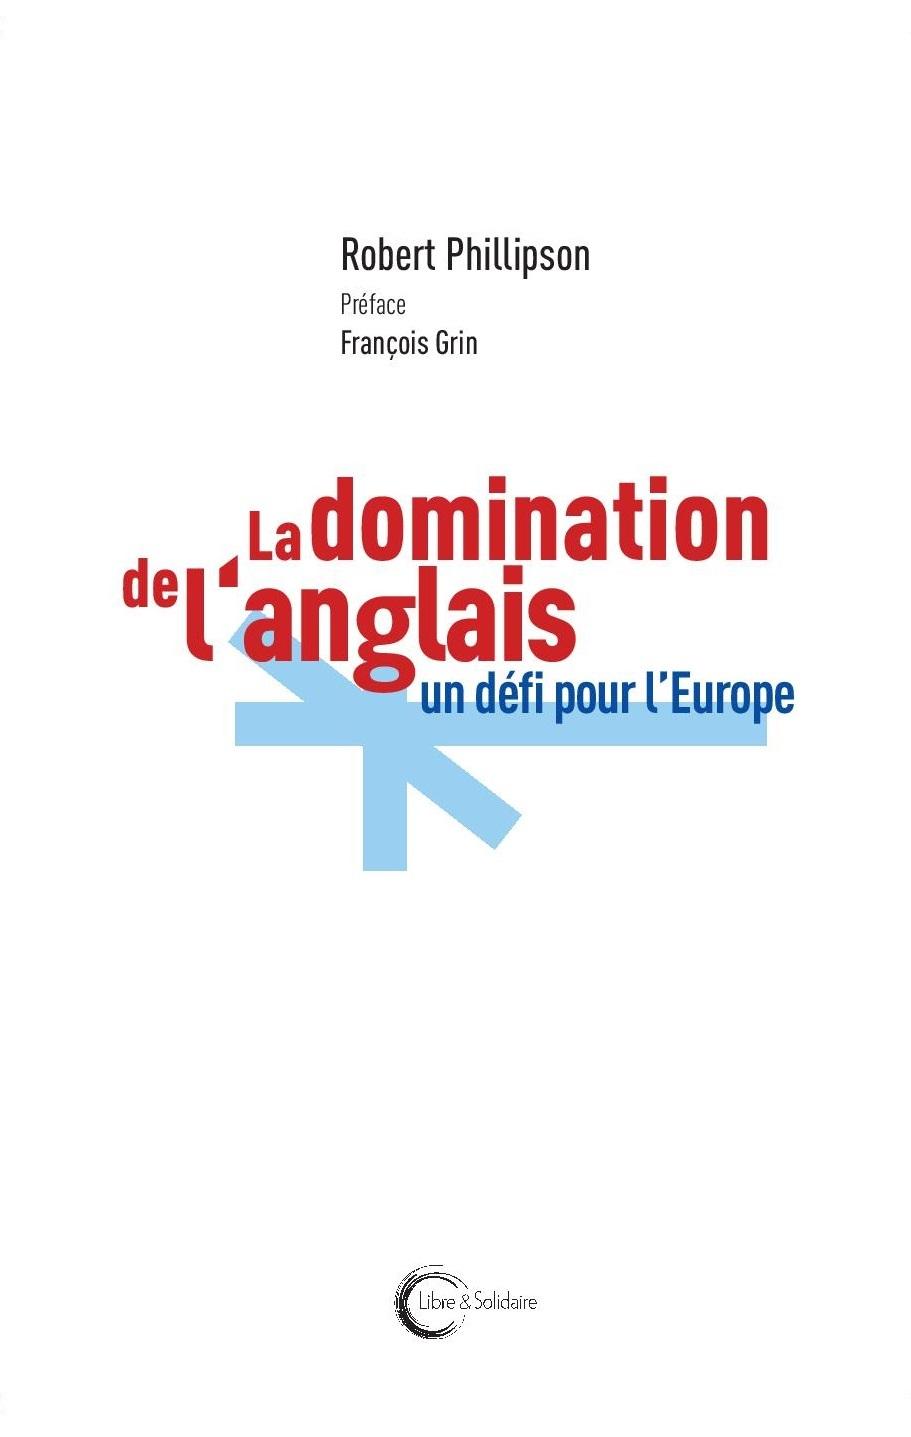 La domination de l anglais un défi pour l Europe Robert Phillipson Preface François Grin LibreSolidaire 2019